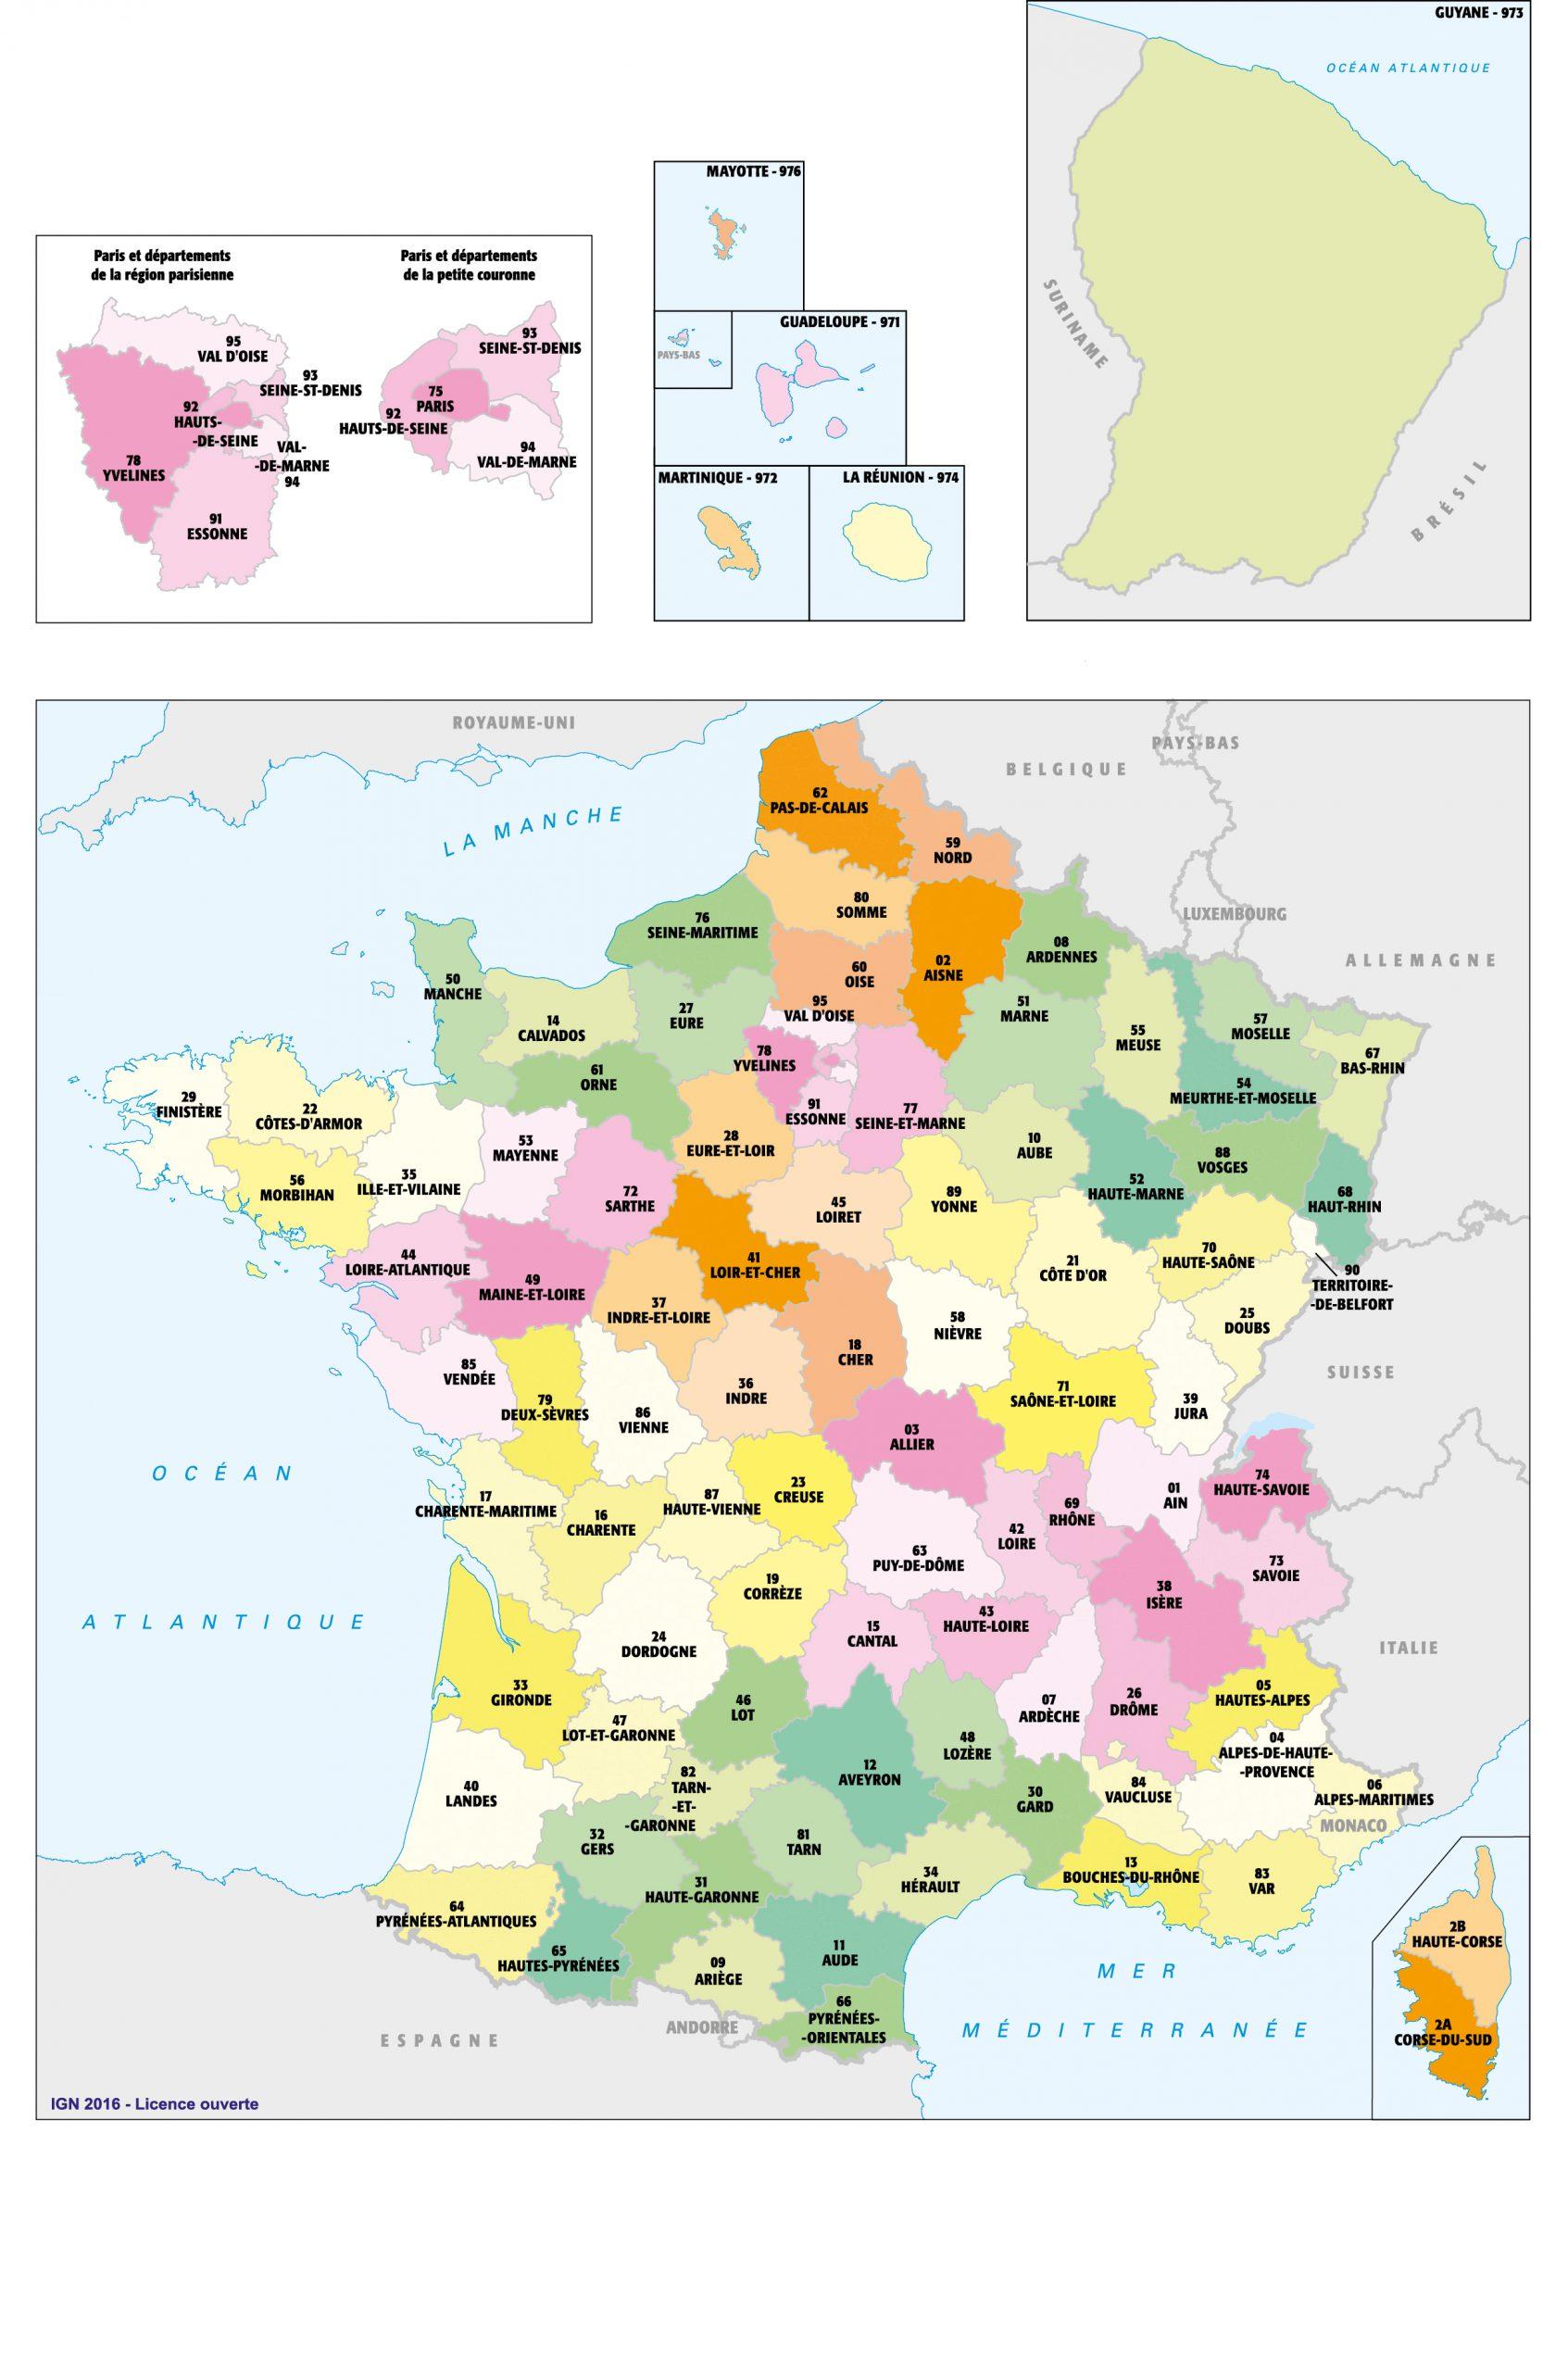 Fonds De Cartes | Éducation intérieur Carte De France Avec Les Départements